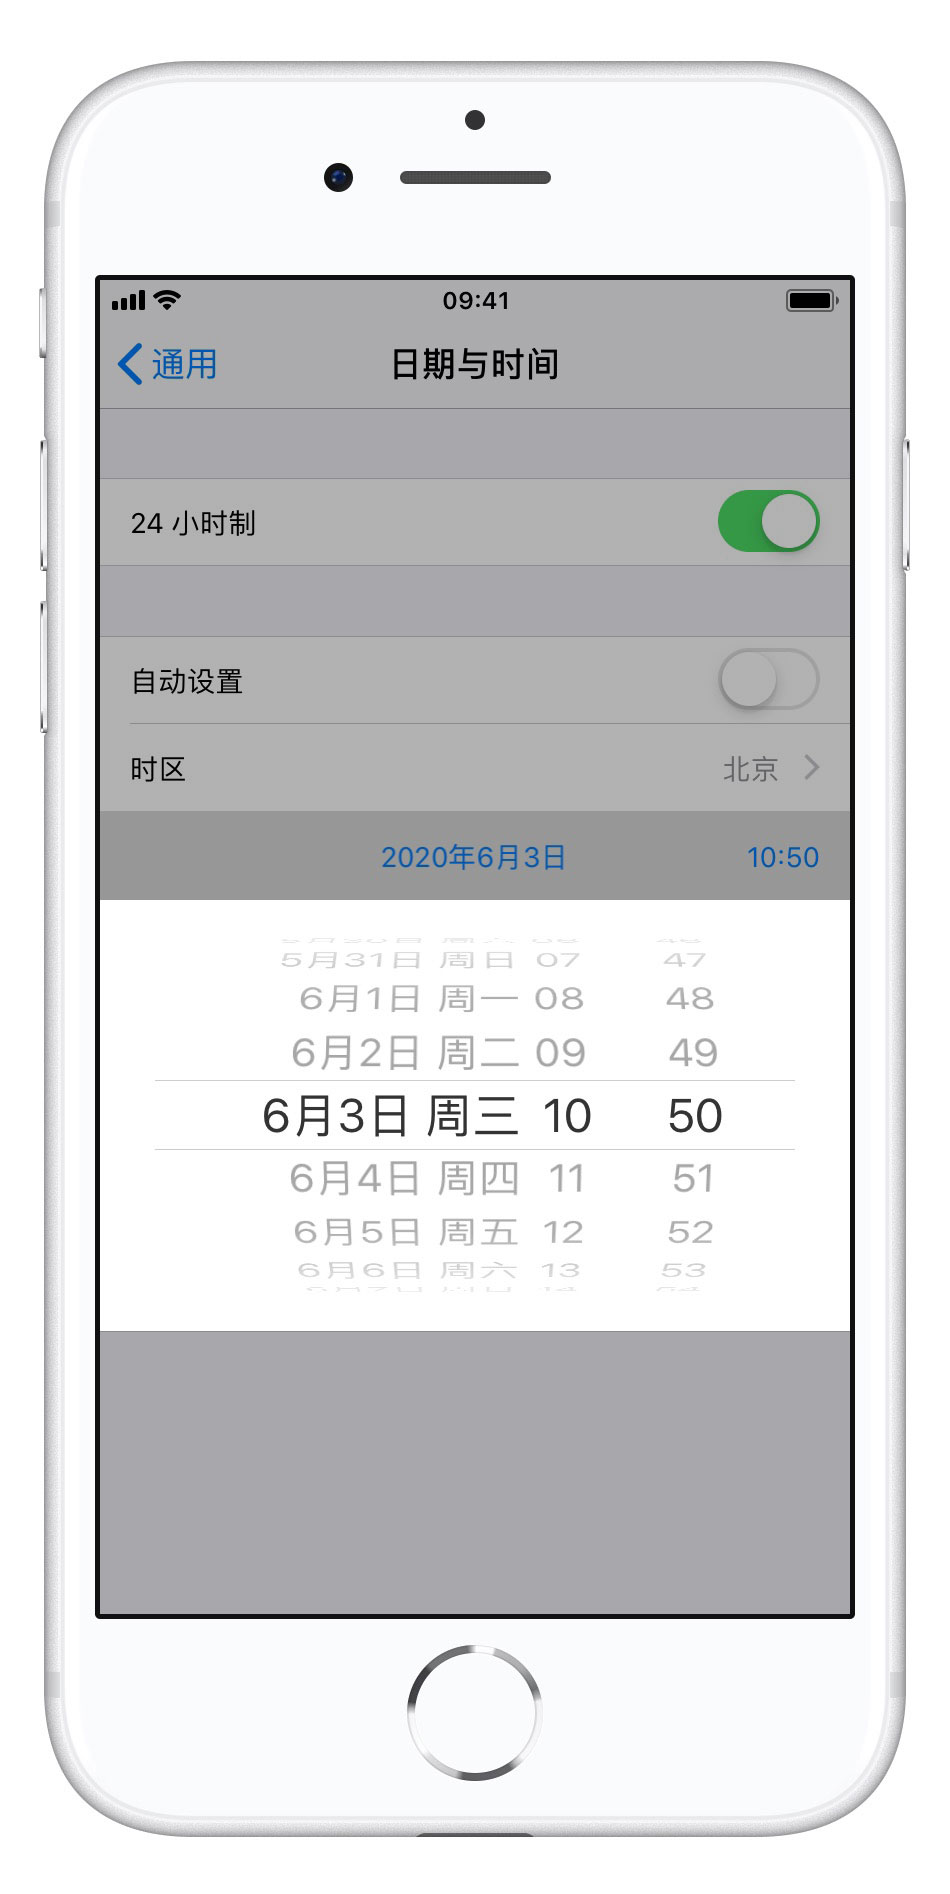 苹果手机大于100m怎么下载(苹果用4g下载超过200)